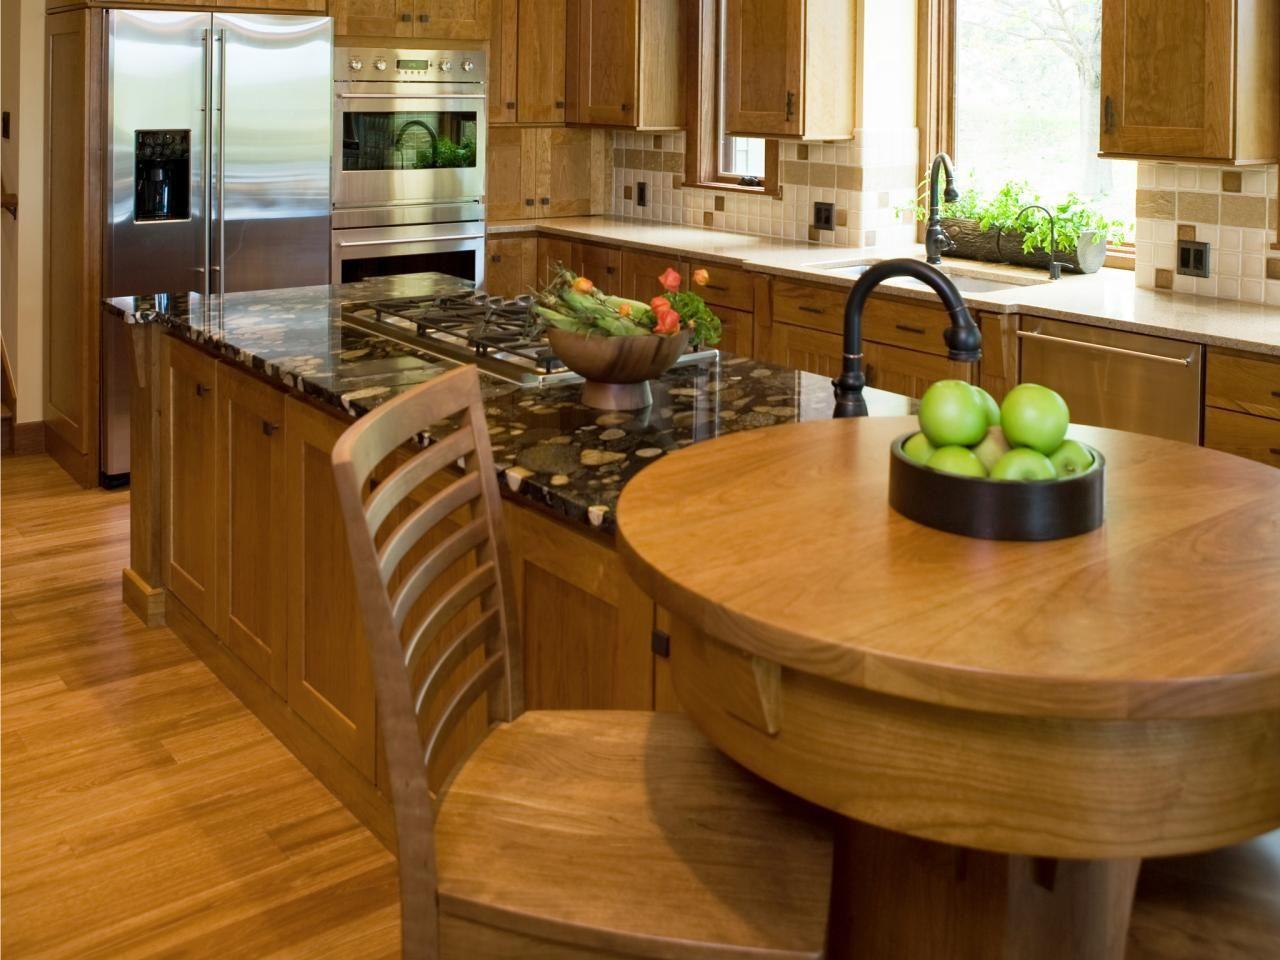 Fein Kücheninsel Tisch Mit Stühlen Zeitgenössisch - Ideen Für Die ...